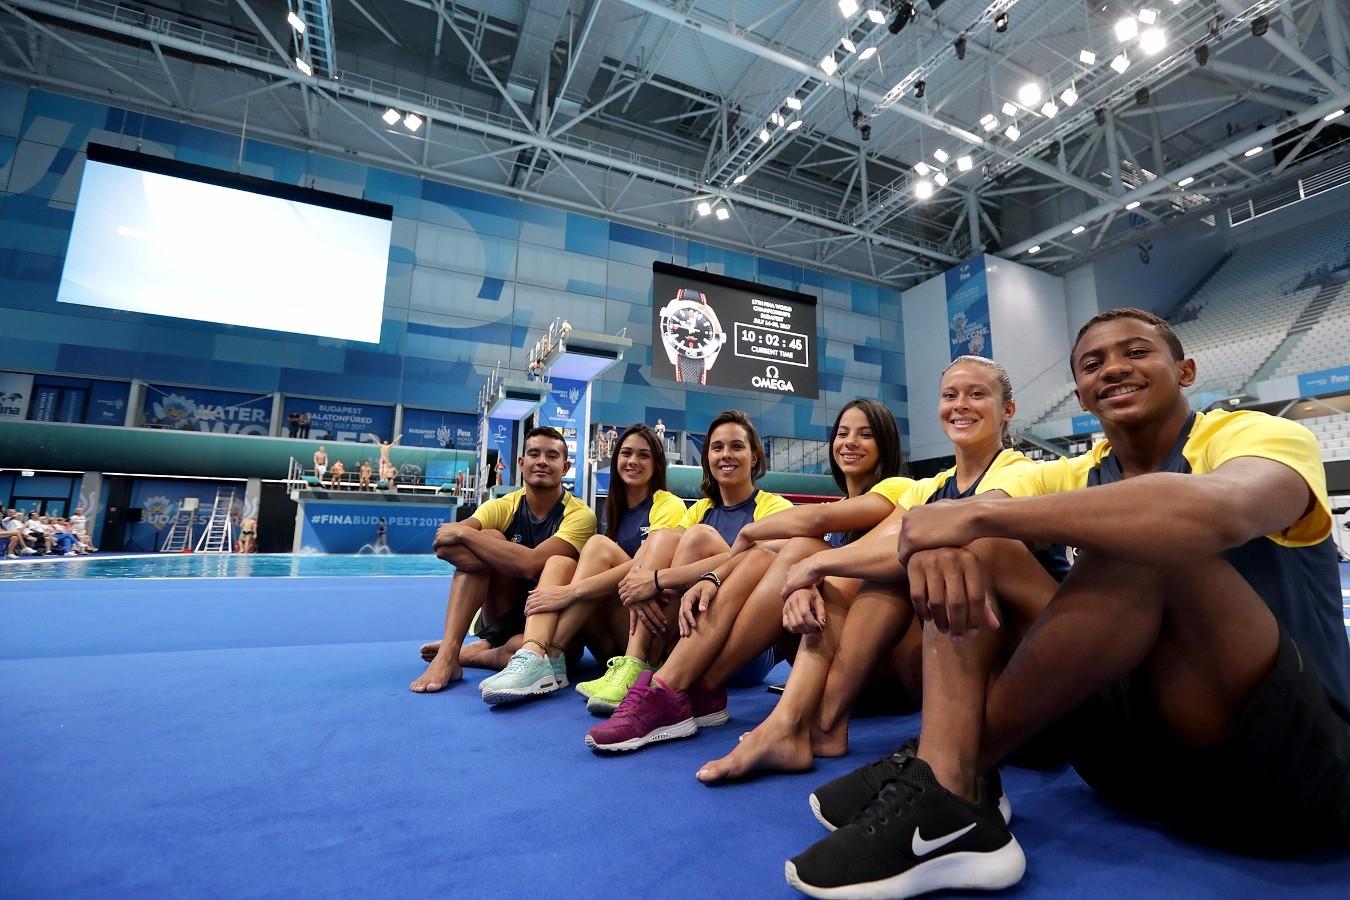 Selecao Brasileira de Saltos Ornamentais. Campeonato Mundial de Desportos Aquaticos. Duna Arena. 12 de Julho de 2017, Hungria, Budapeste. Foto: Satiro Sodré/SSPress/CBDA